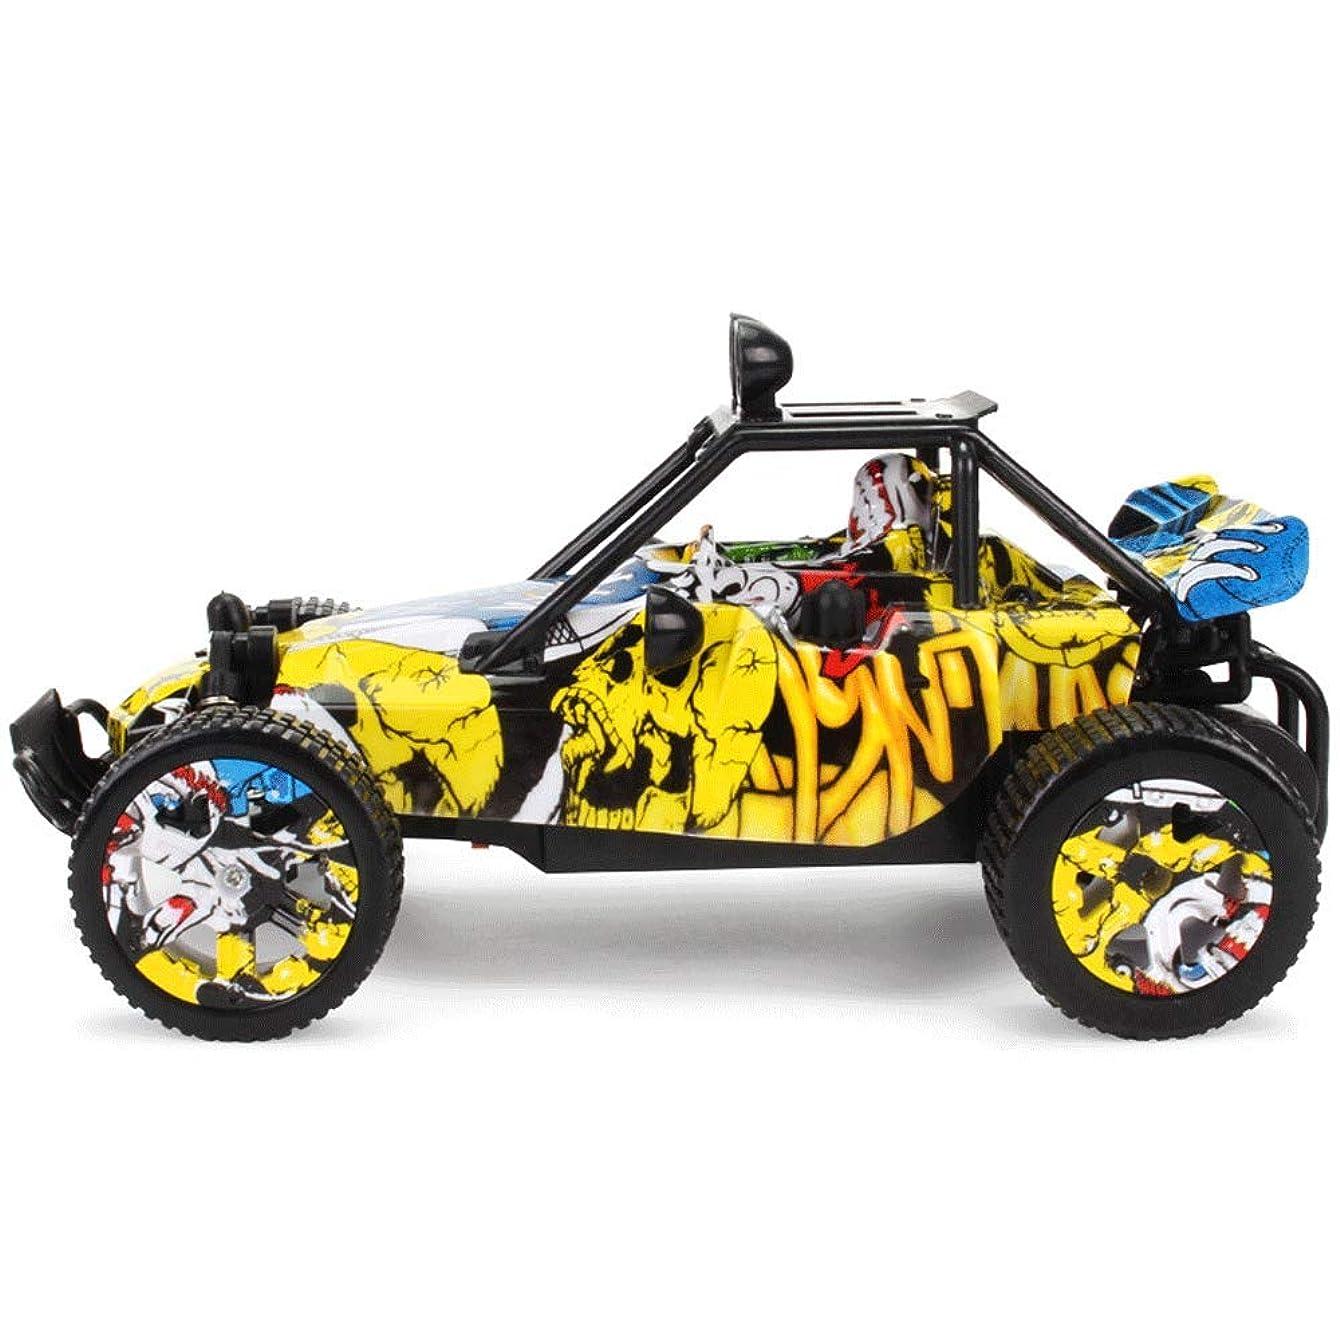 ブラウザ川無駄な子供のおもちゃのおもちゃの車をレーシングした新しい落書きリモートコントロール車